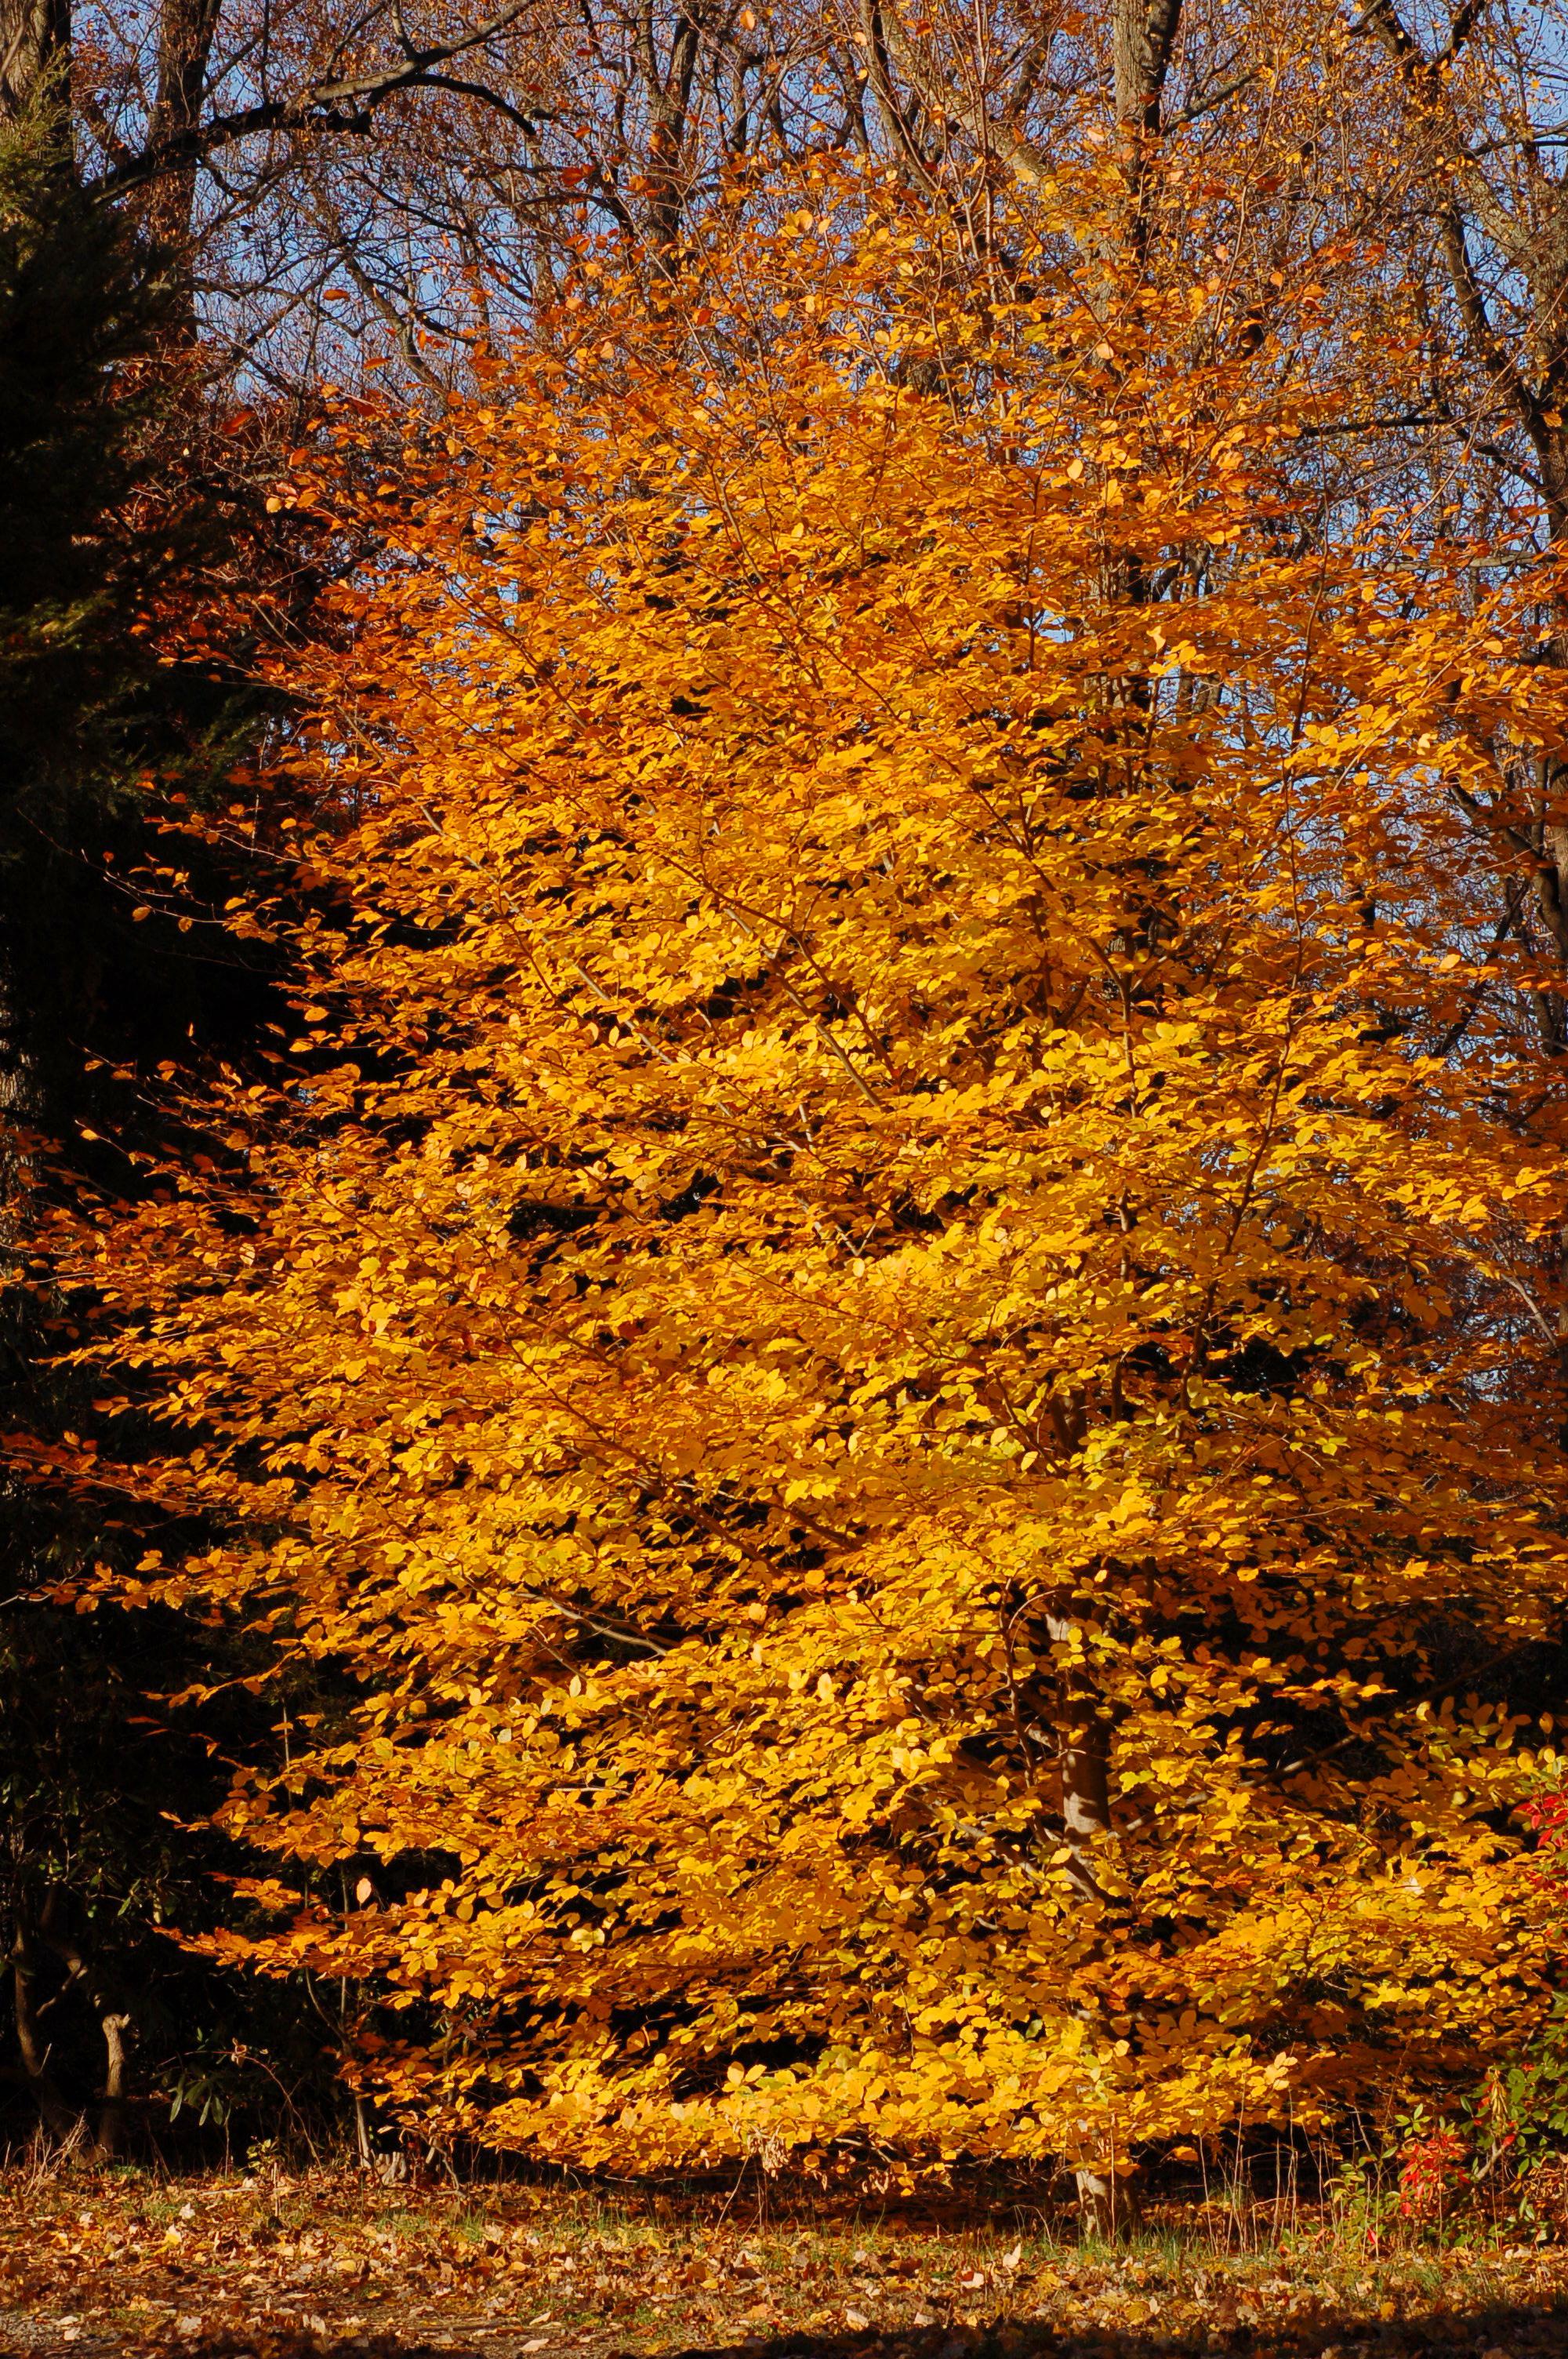 File:Copper Beech Fagus sylvatica f. purpurea Autumn Tree 2000px.